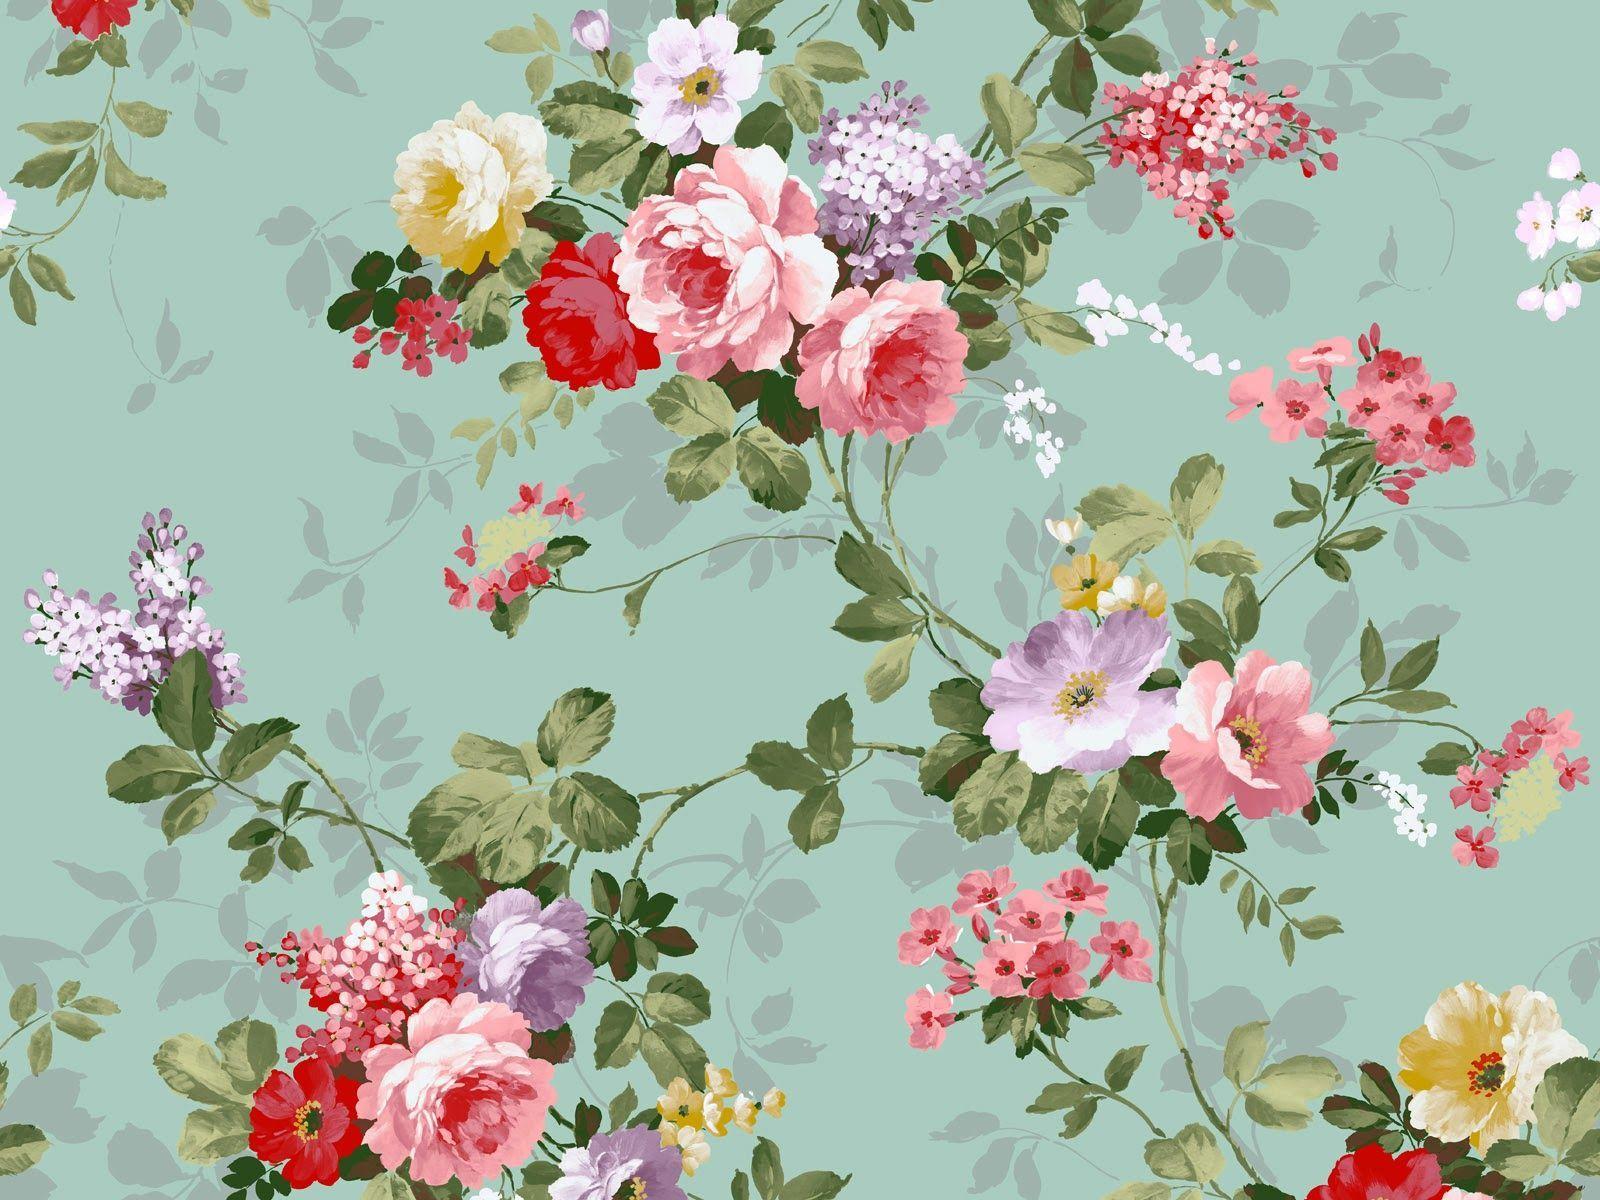 Vintage Flower Hd Wallpapers Vintage Flowers Wallpaper Vintage Floral Wallpapers Flower Wallpaper